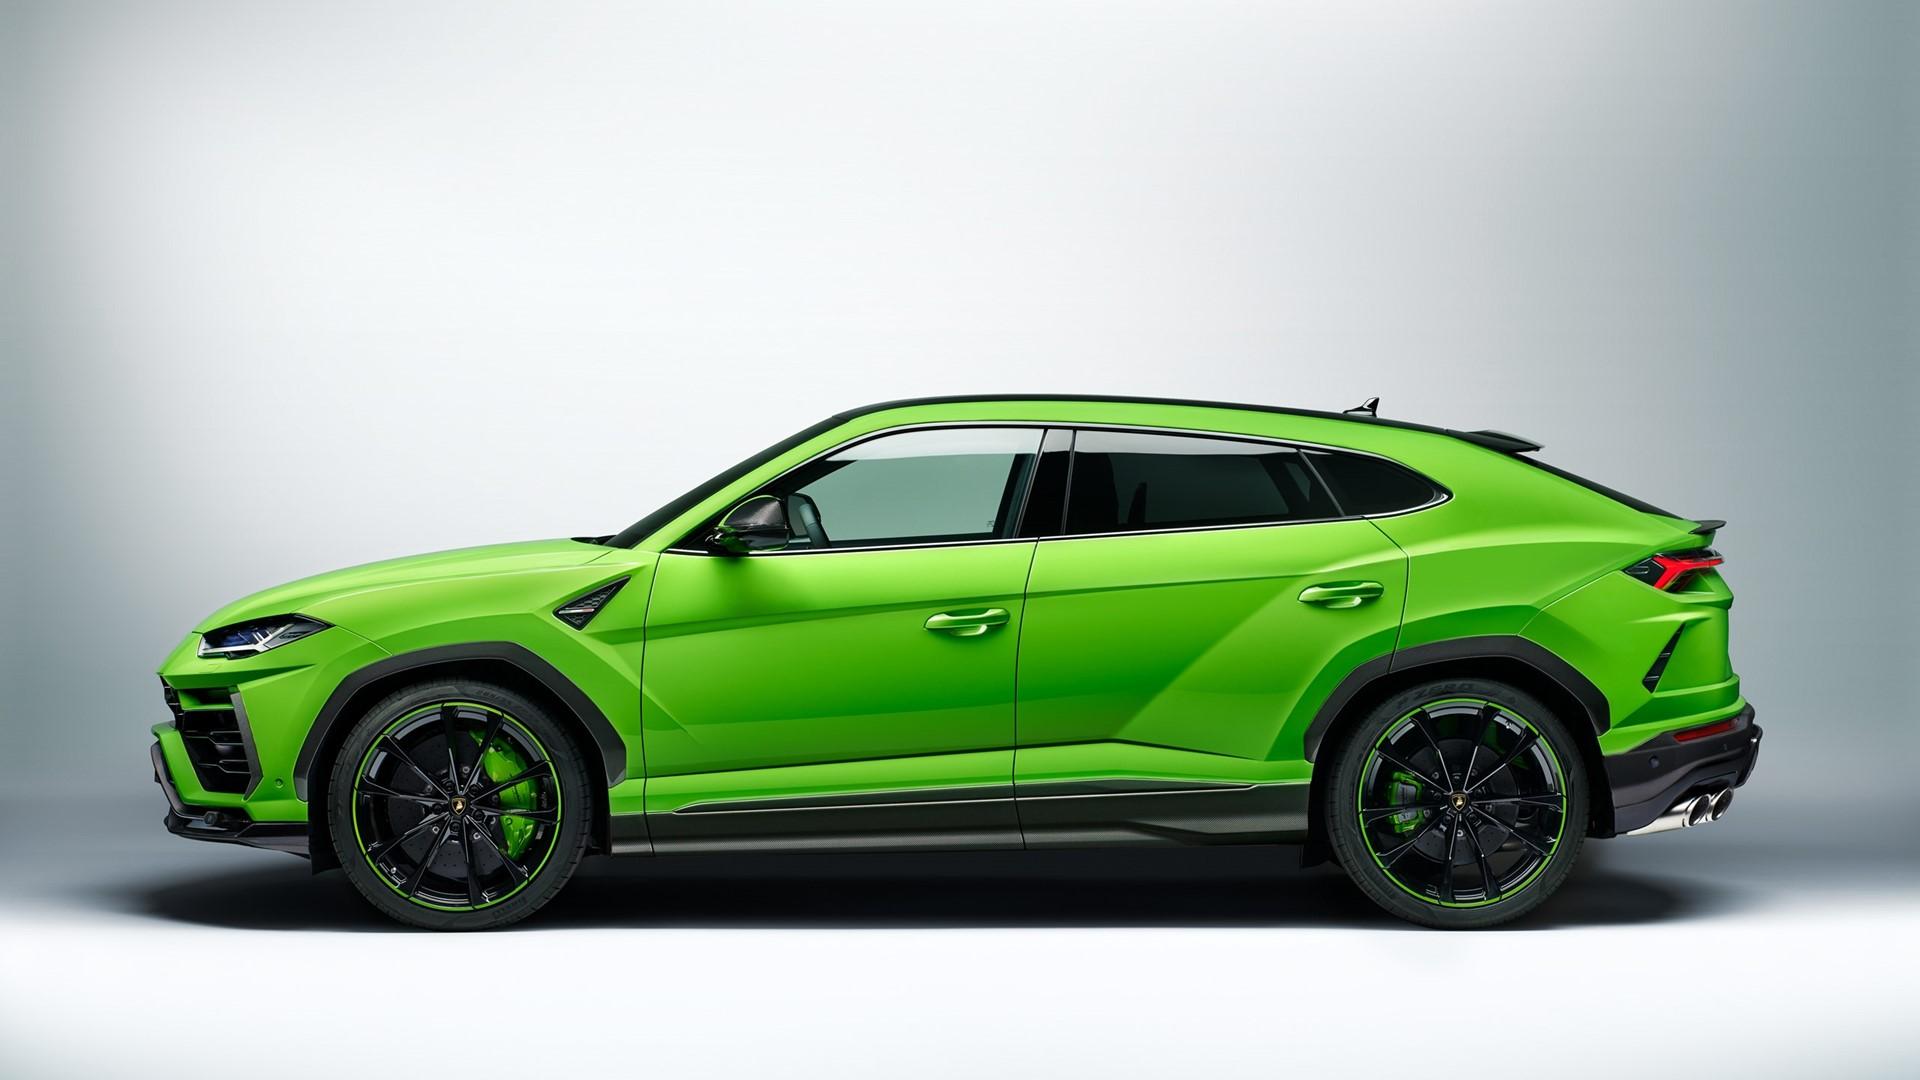 Automobili Lamborghini presents the Urus Pearl Capsule: unlocking new adventures in color for the Lamborghini Urus - Image 1